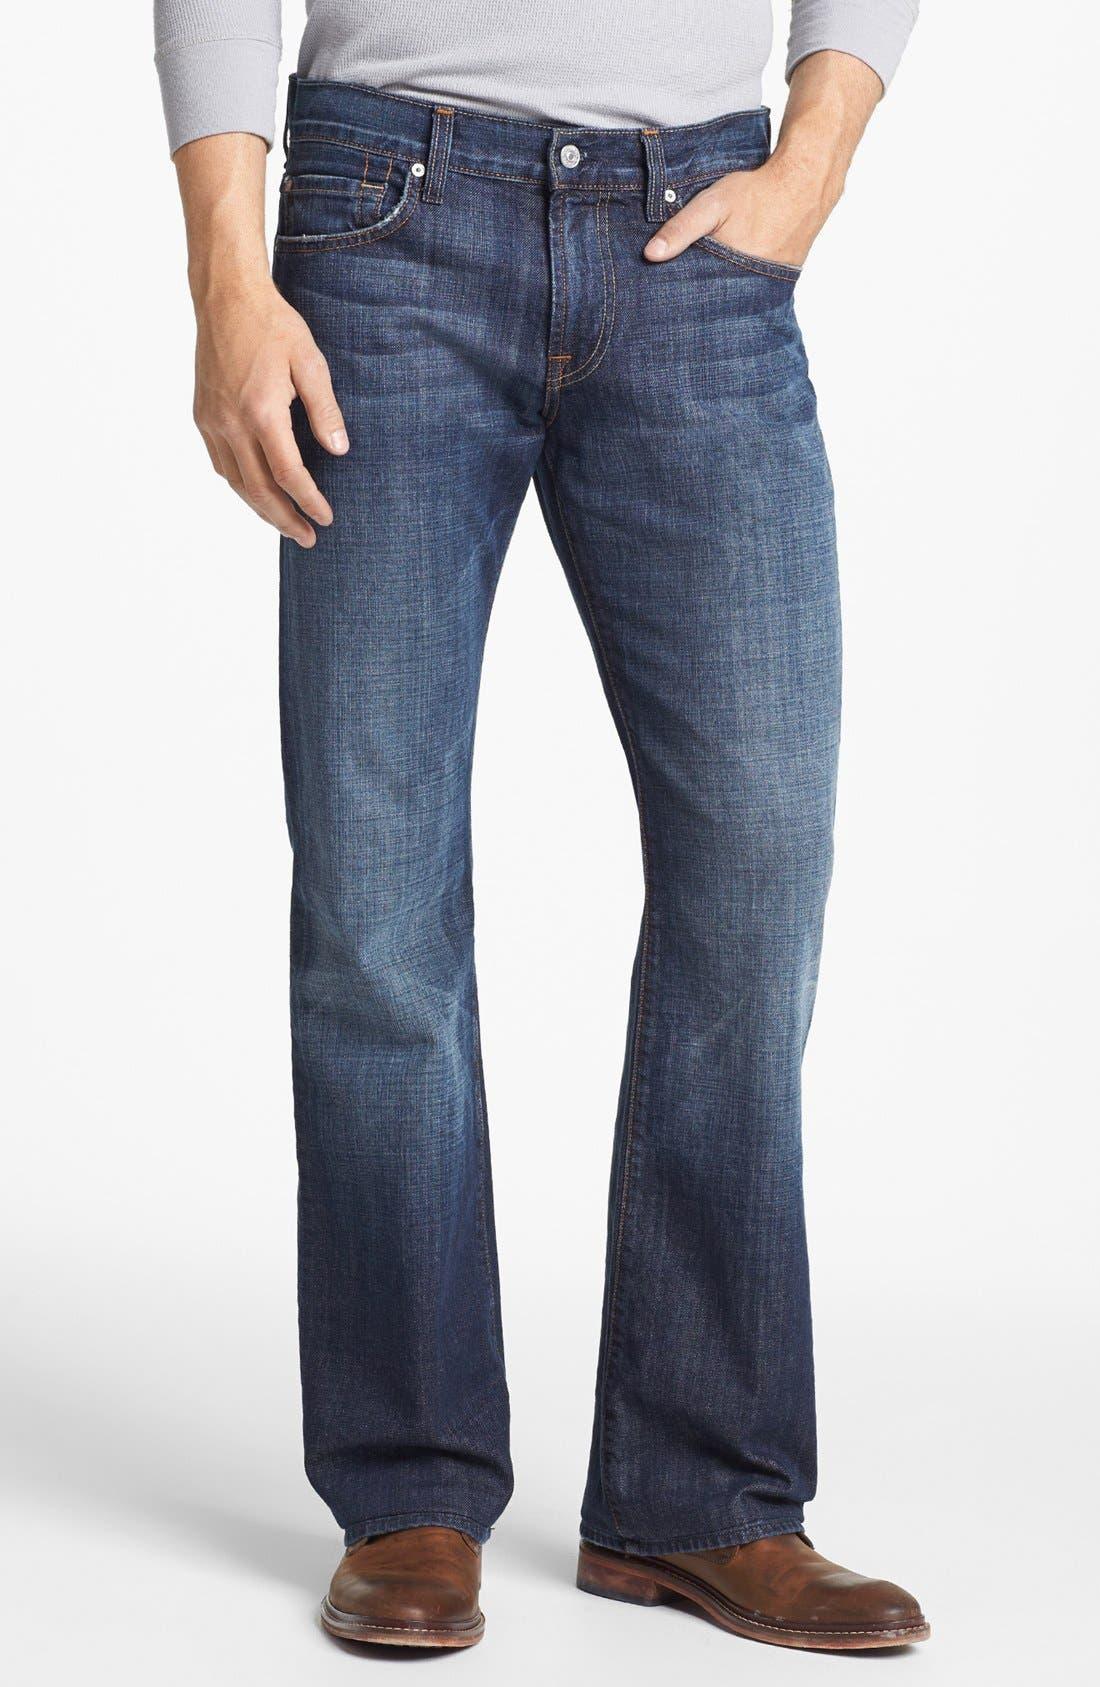 Alternate Image 1 Selected - 7 For All Mankind® Brett Bootcut Jeans (New York Dark)